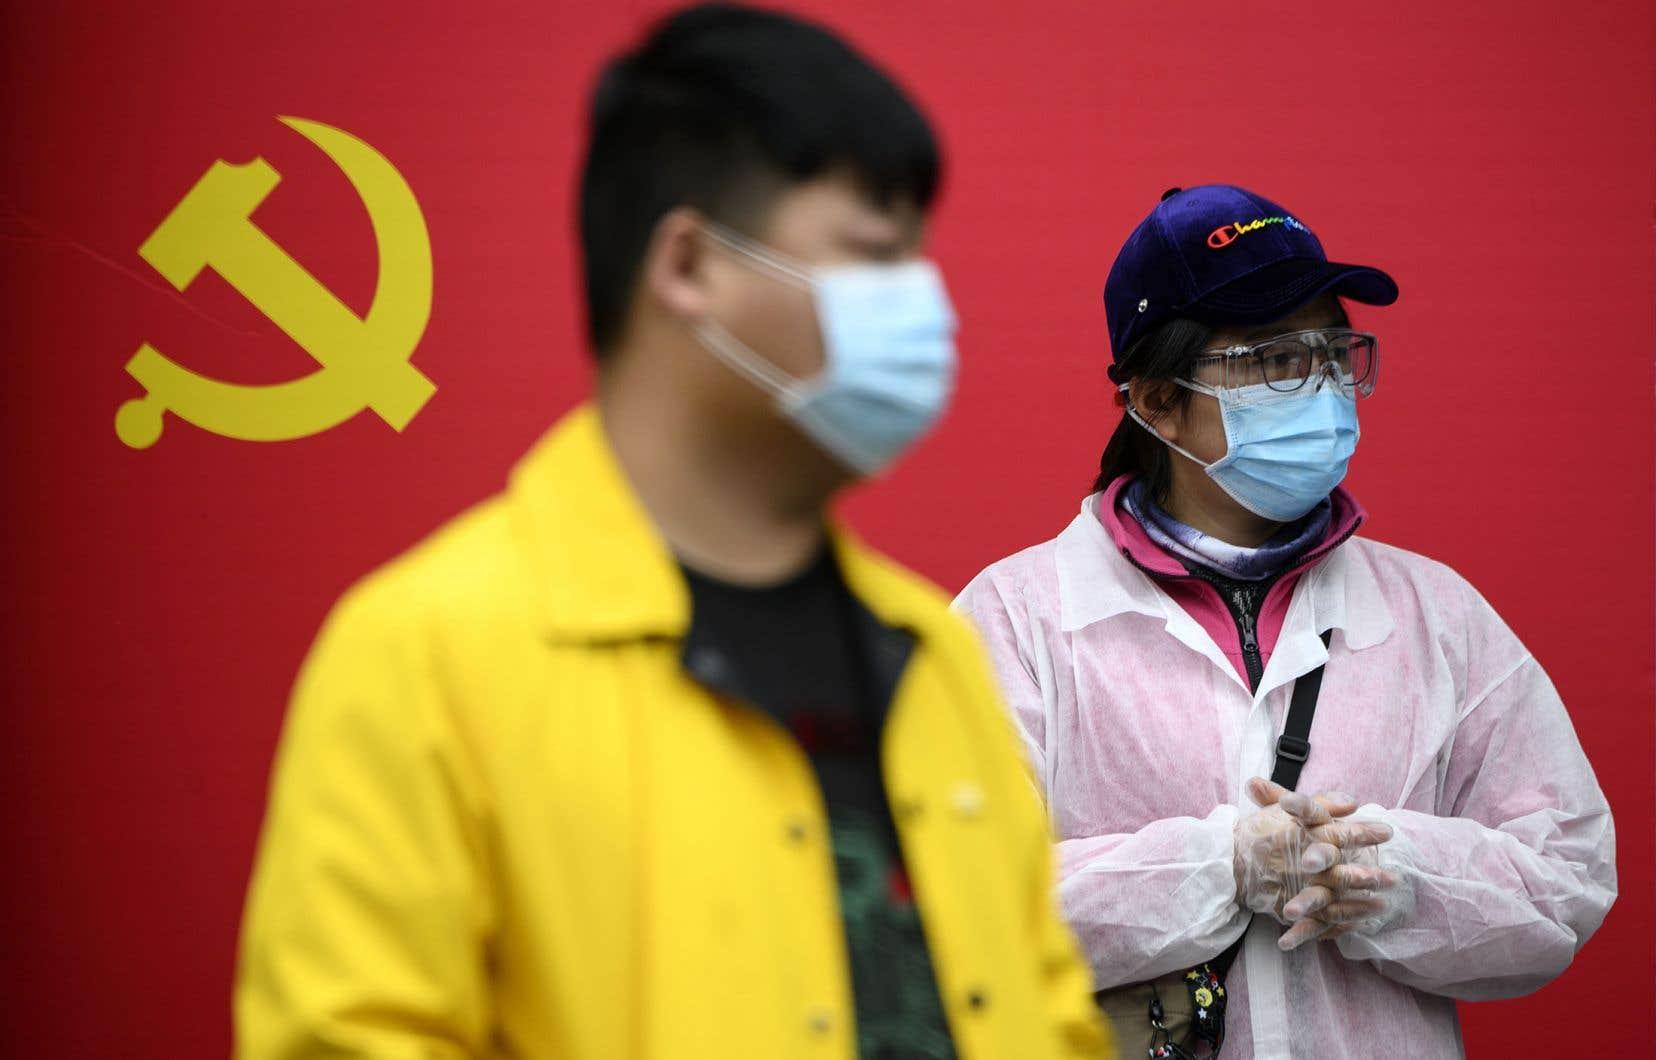 «En Chine, la délibération collective est un péché dans un contexte où règne impitoyablement une contrainte à l'obéissance», souligne l'auteur.